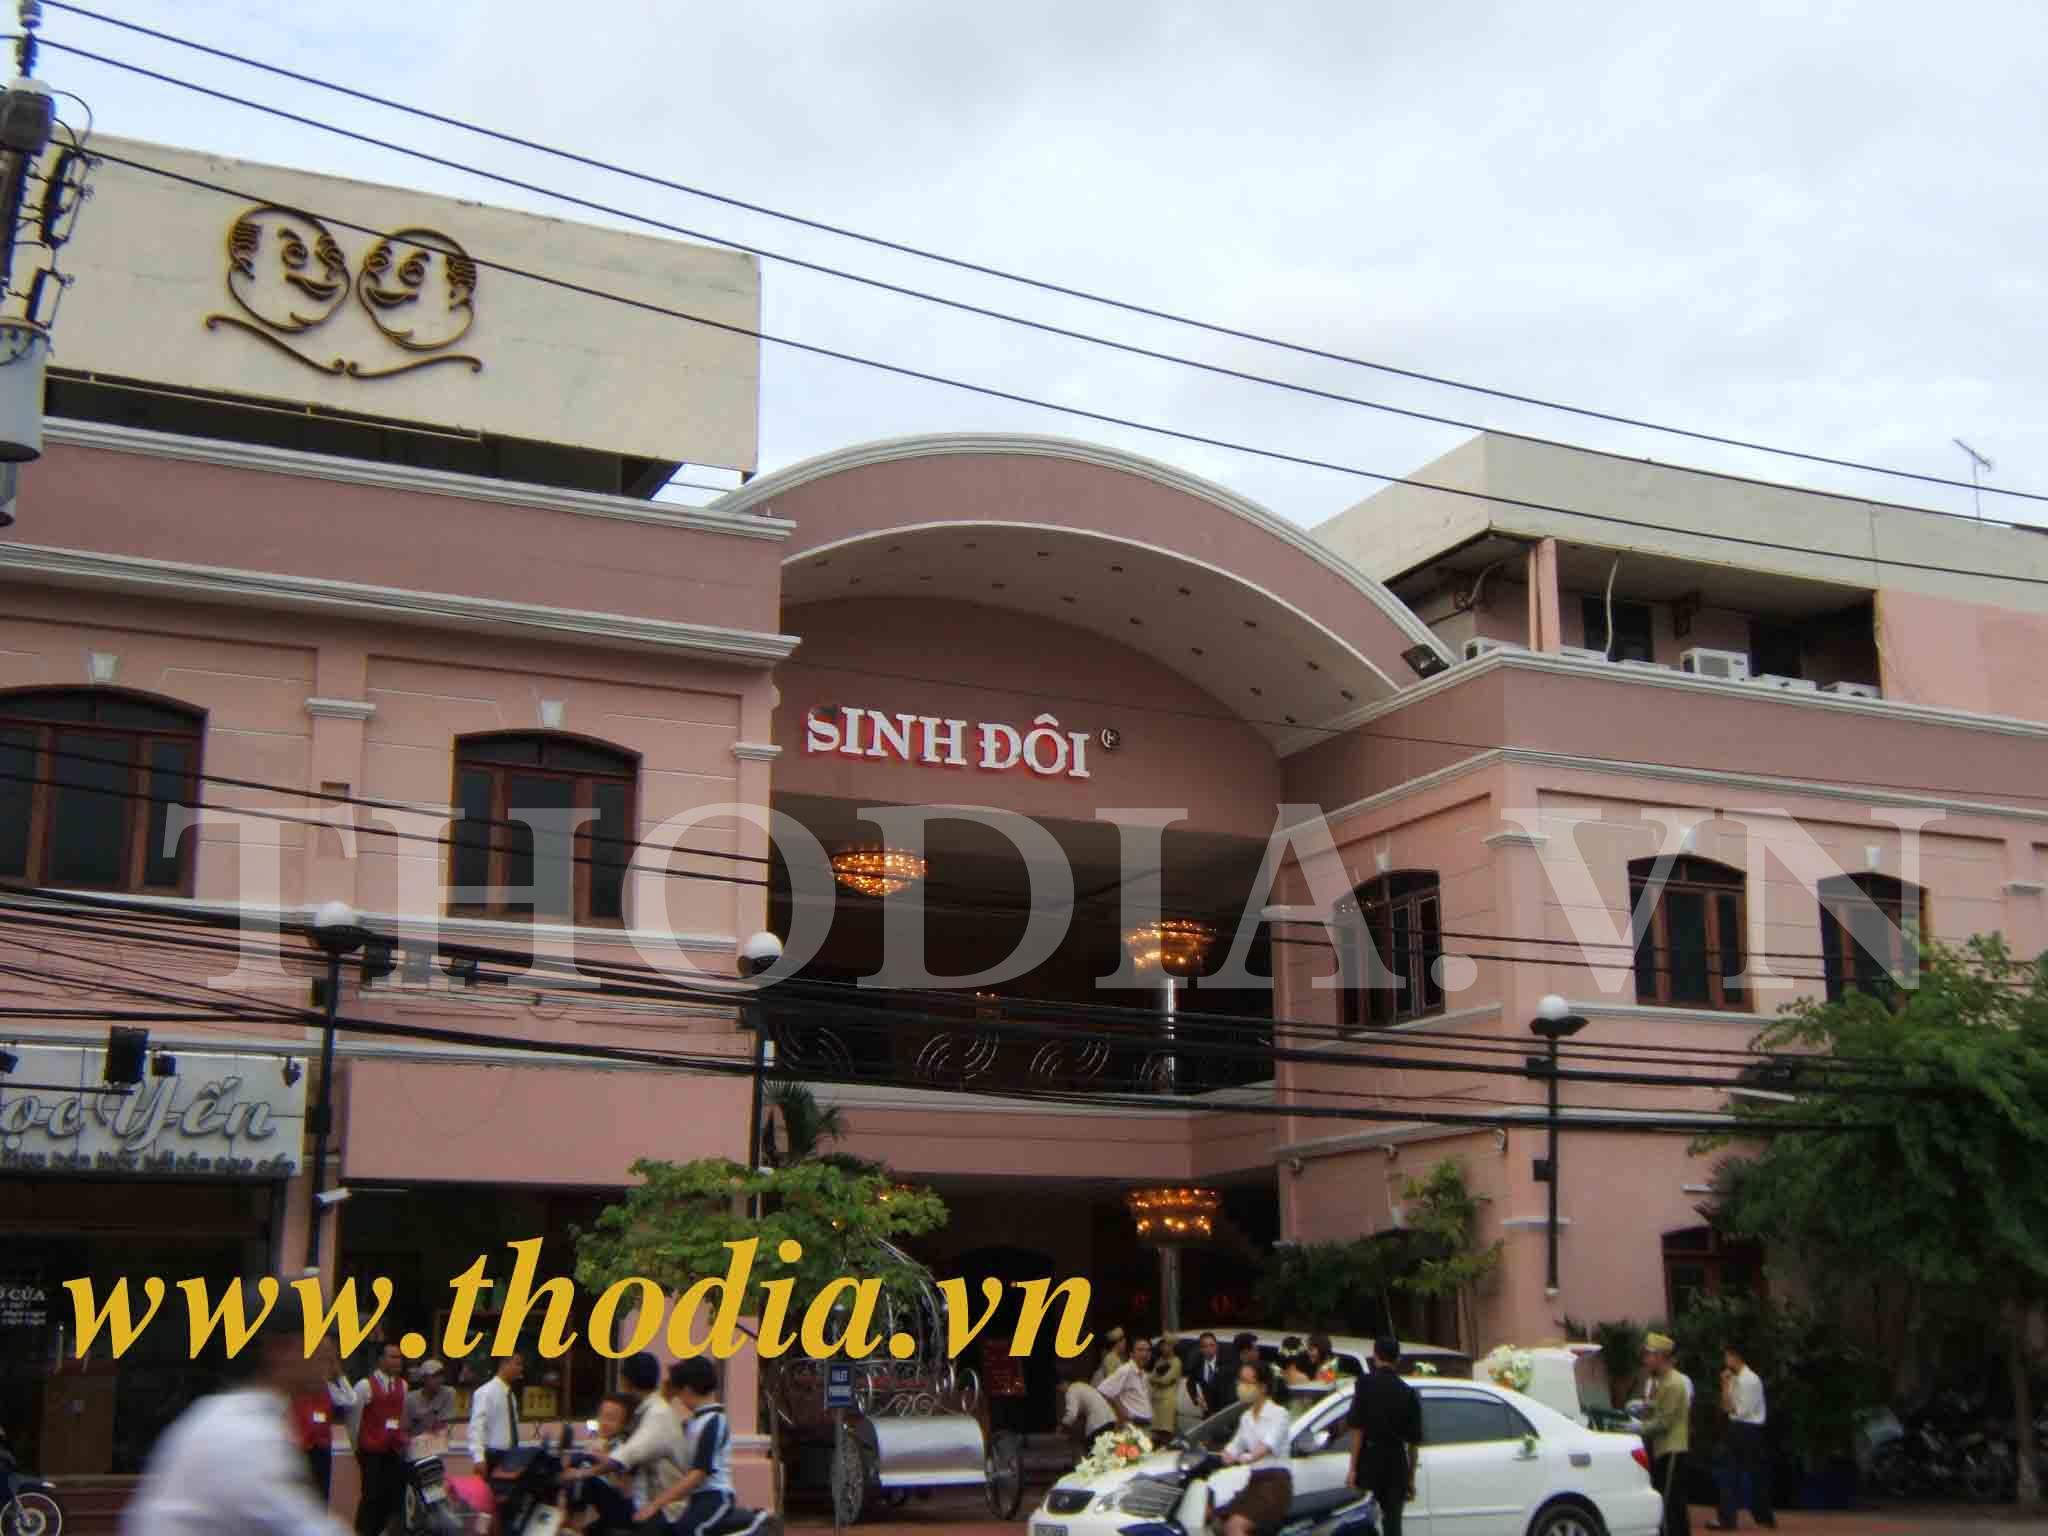 Doi Hang Thailand  City pictures : Mặt tiền nhà hàng S... Đăng bởi : Mi Mi Sun Thông báo tin ...